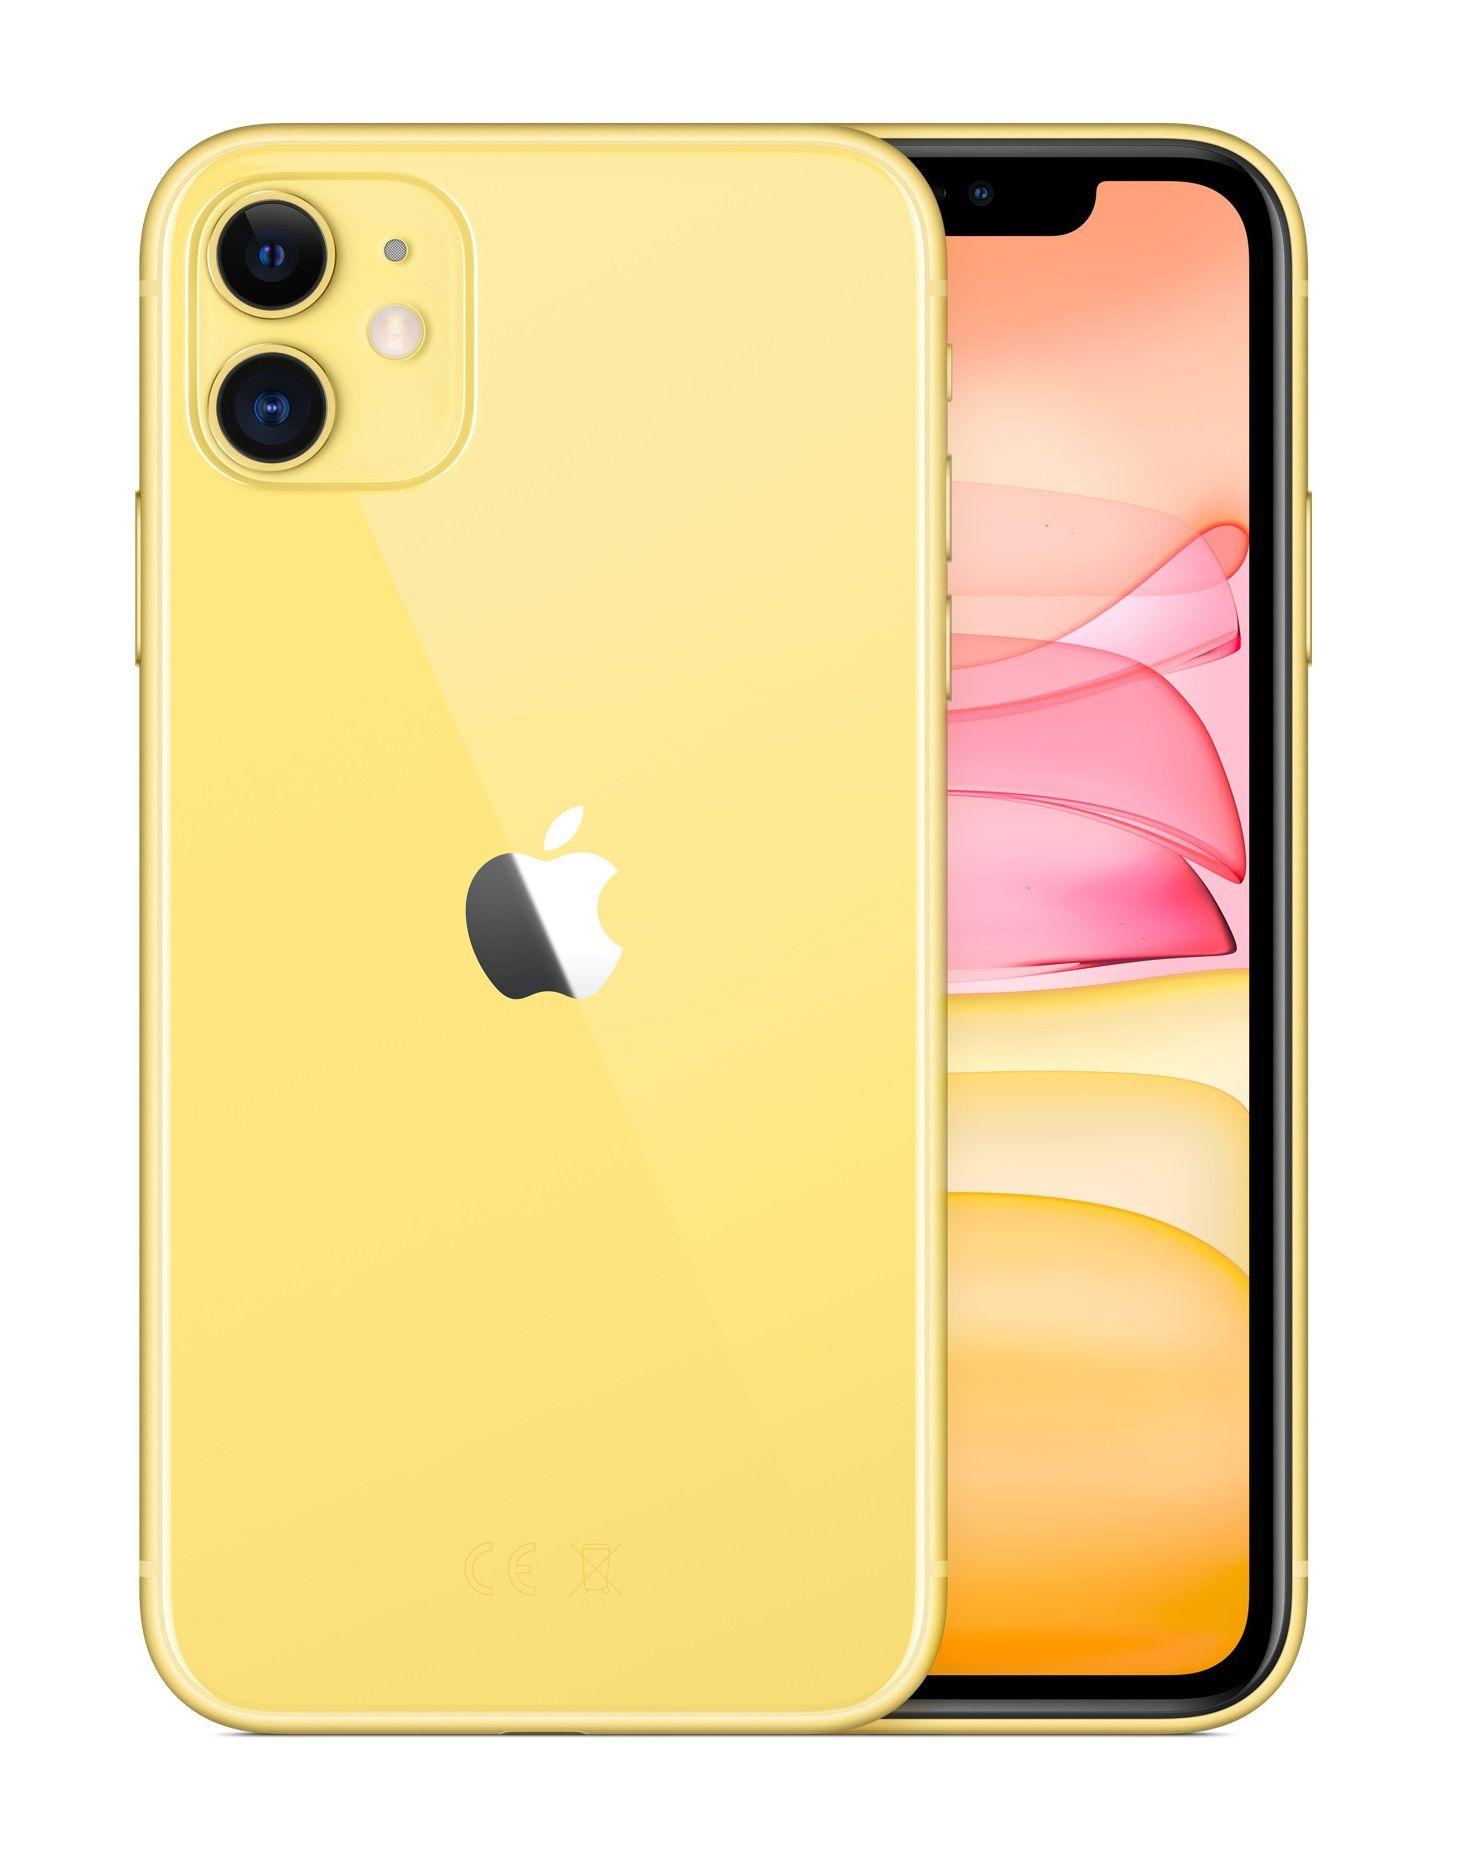 Apple iphone 11 155 cm 61 256 gb dual sim yellow in